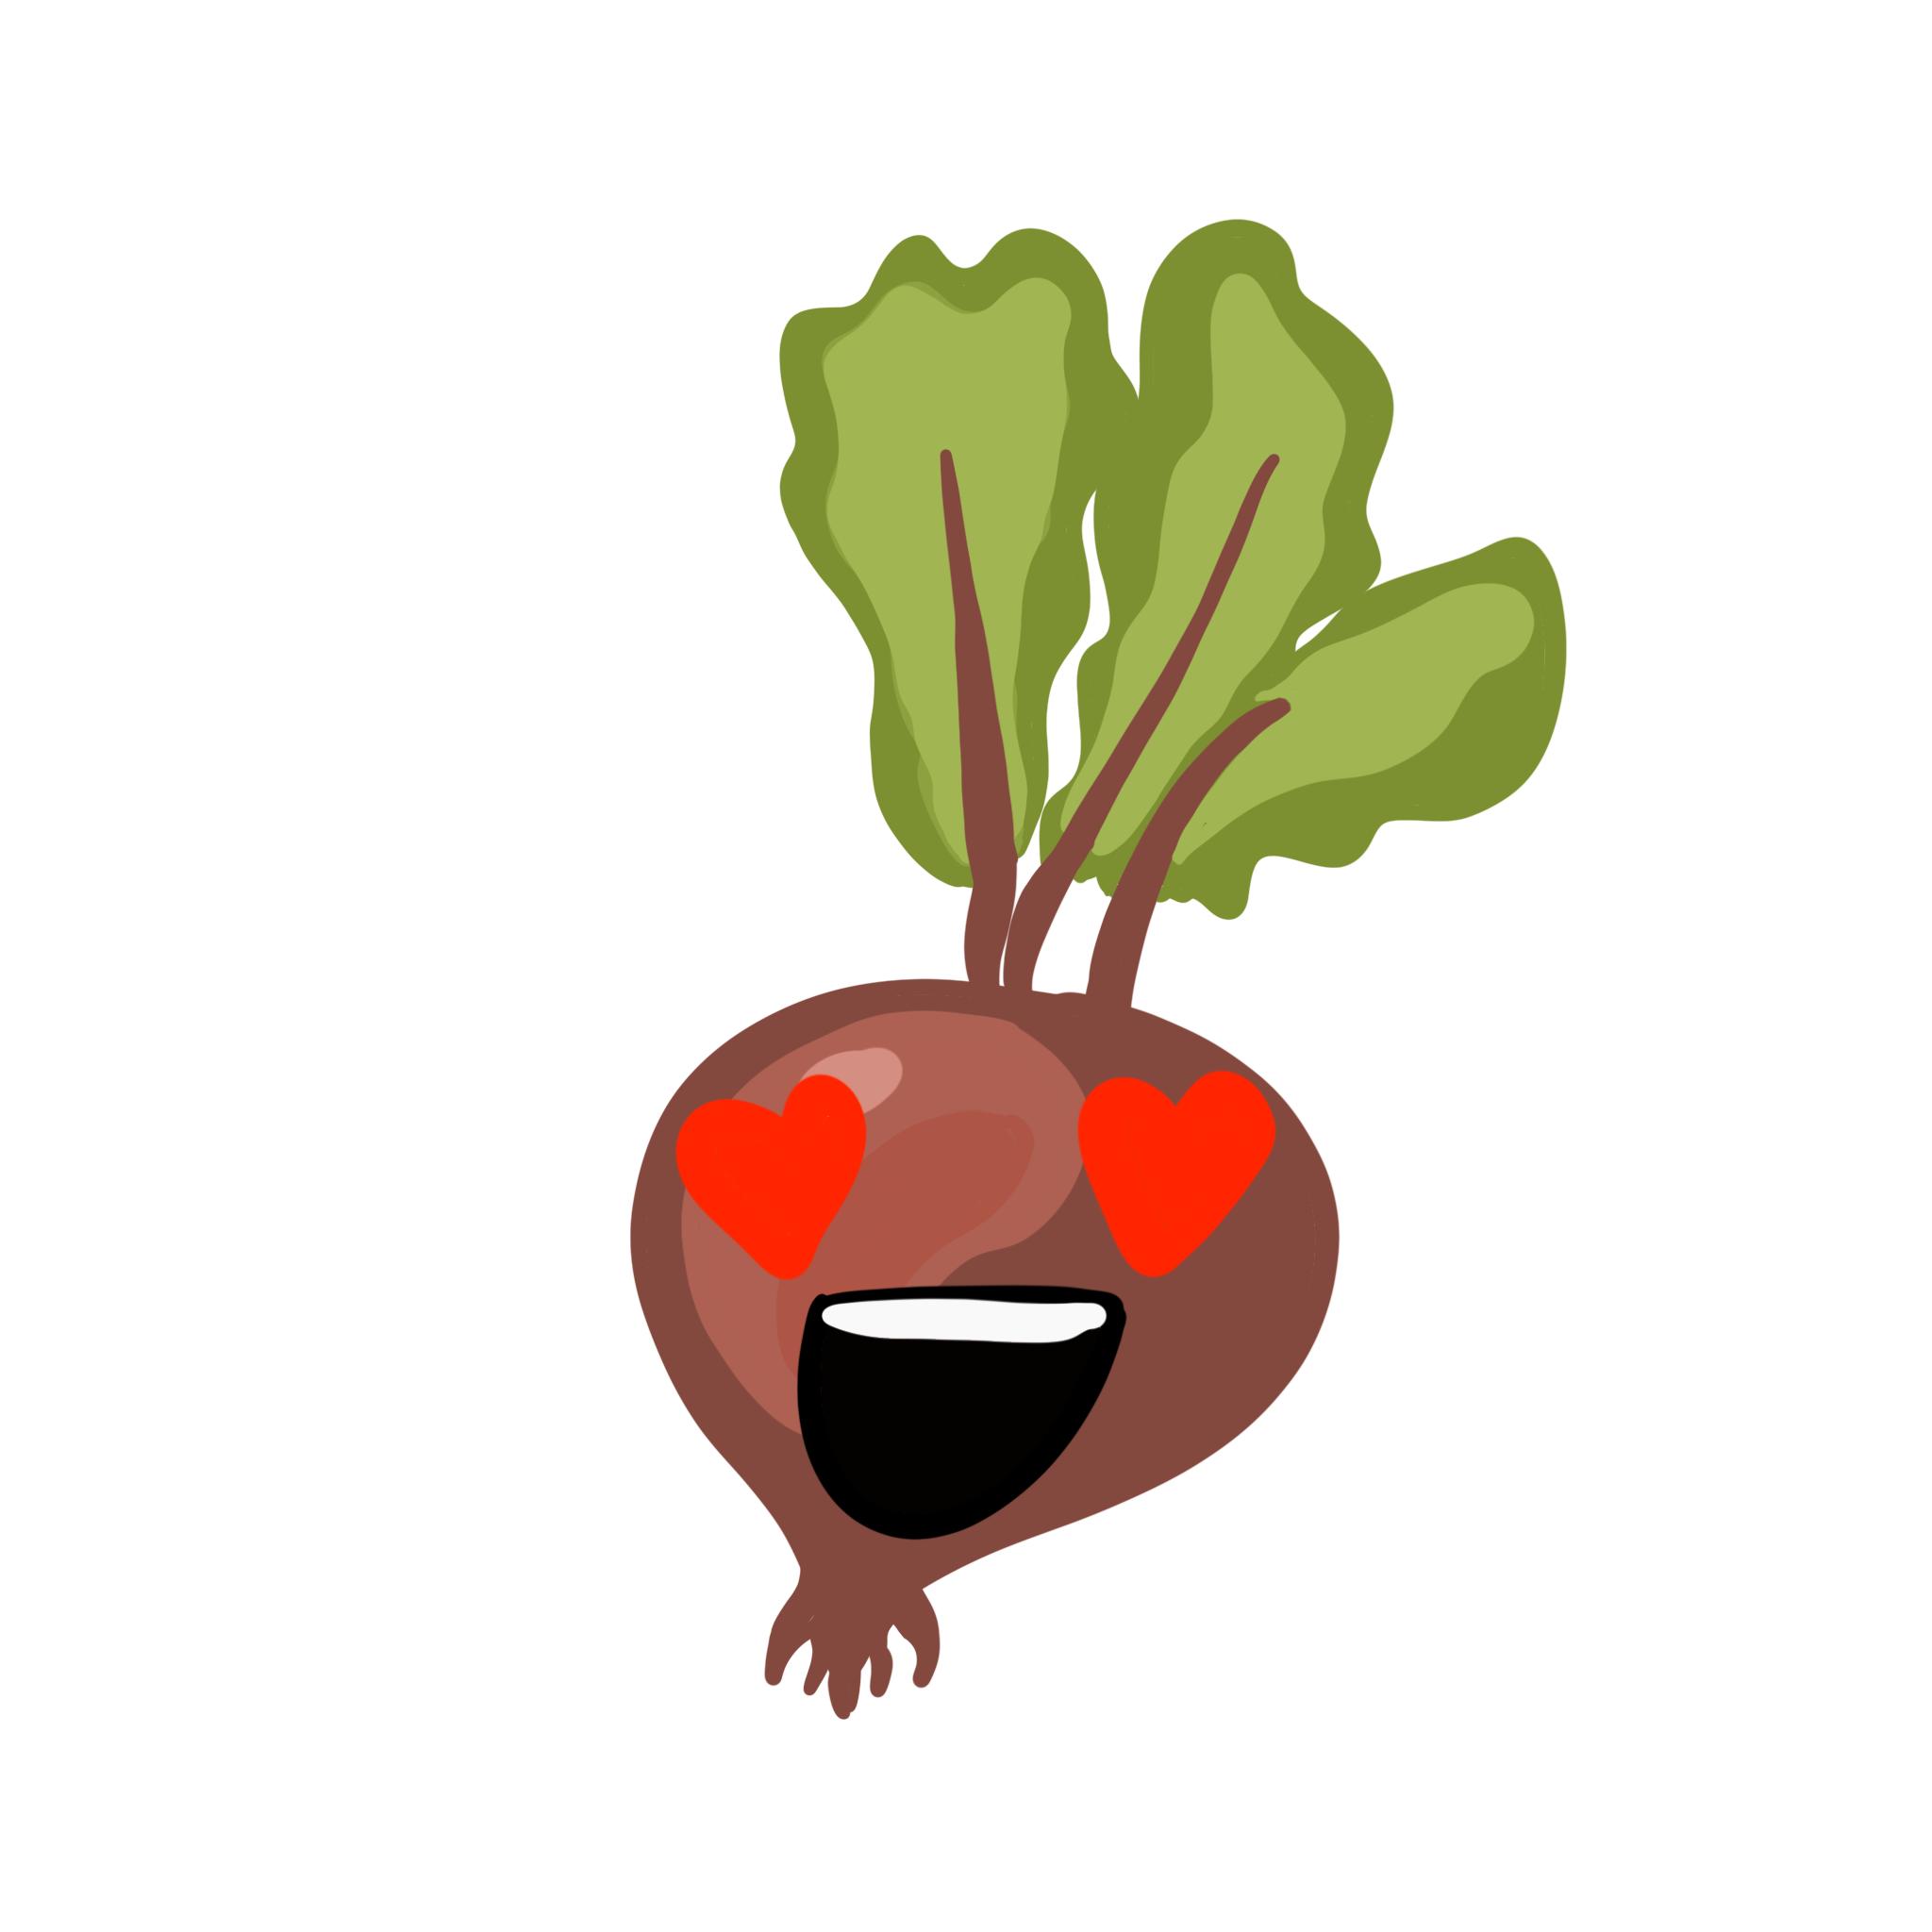 Veggies Stickers.NhiH messages sticker-9